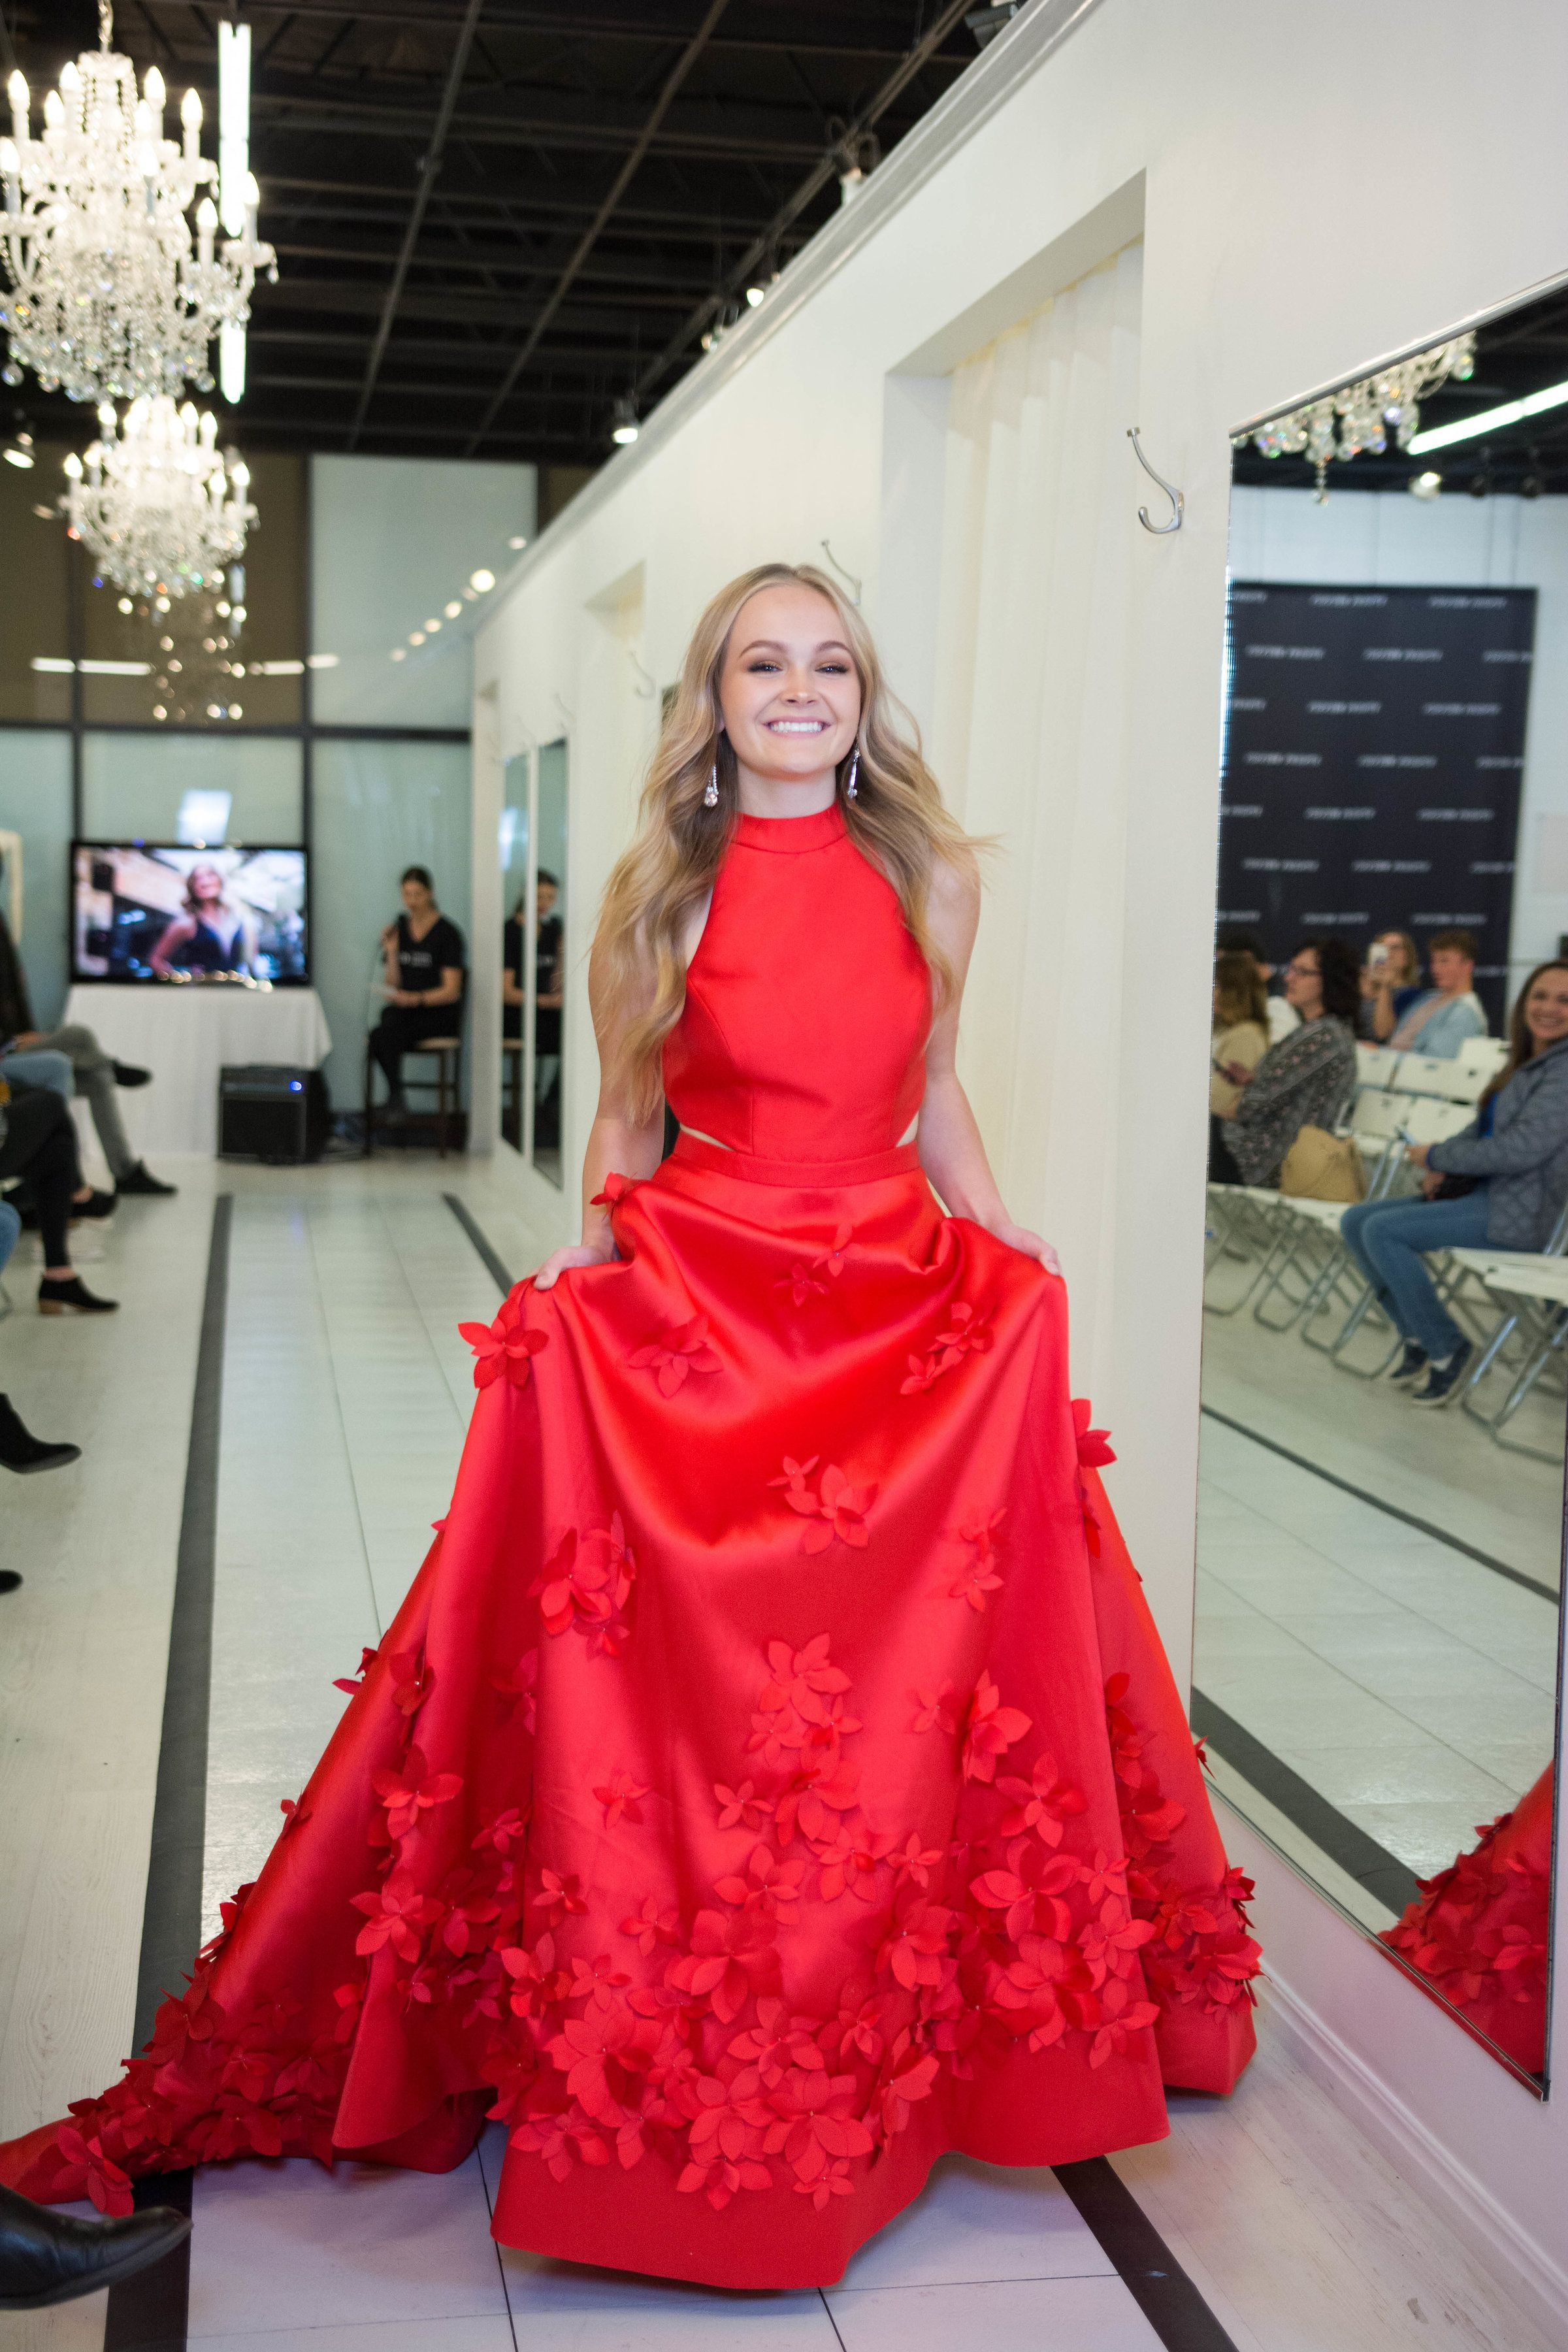 Red ballgown d floral flower appliqué high neckline cherry red